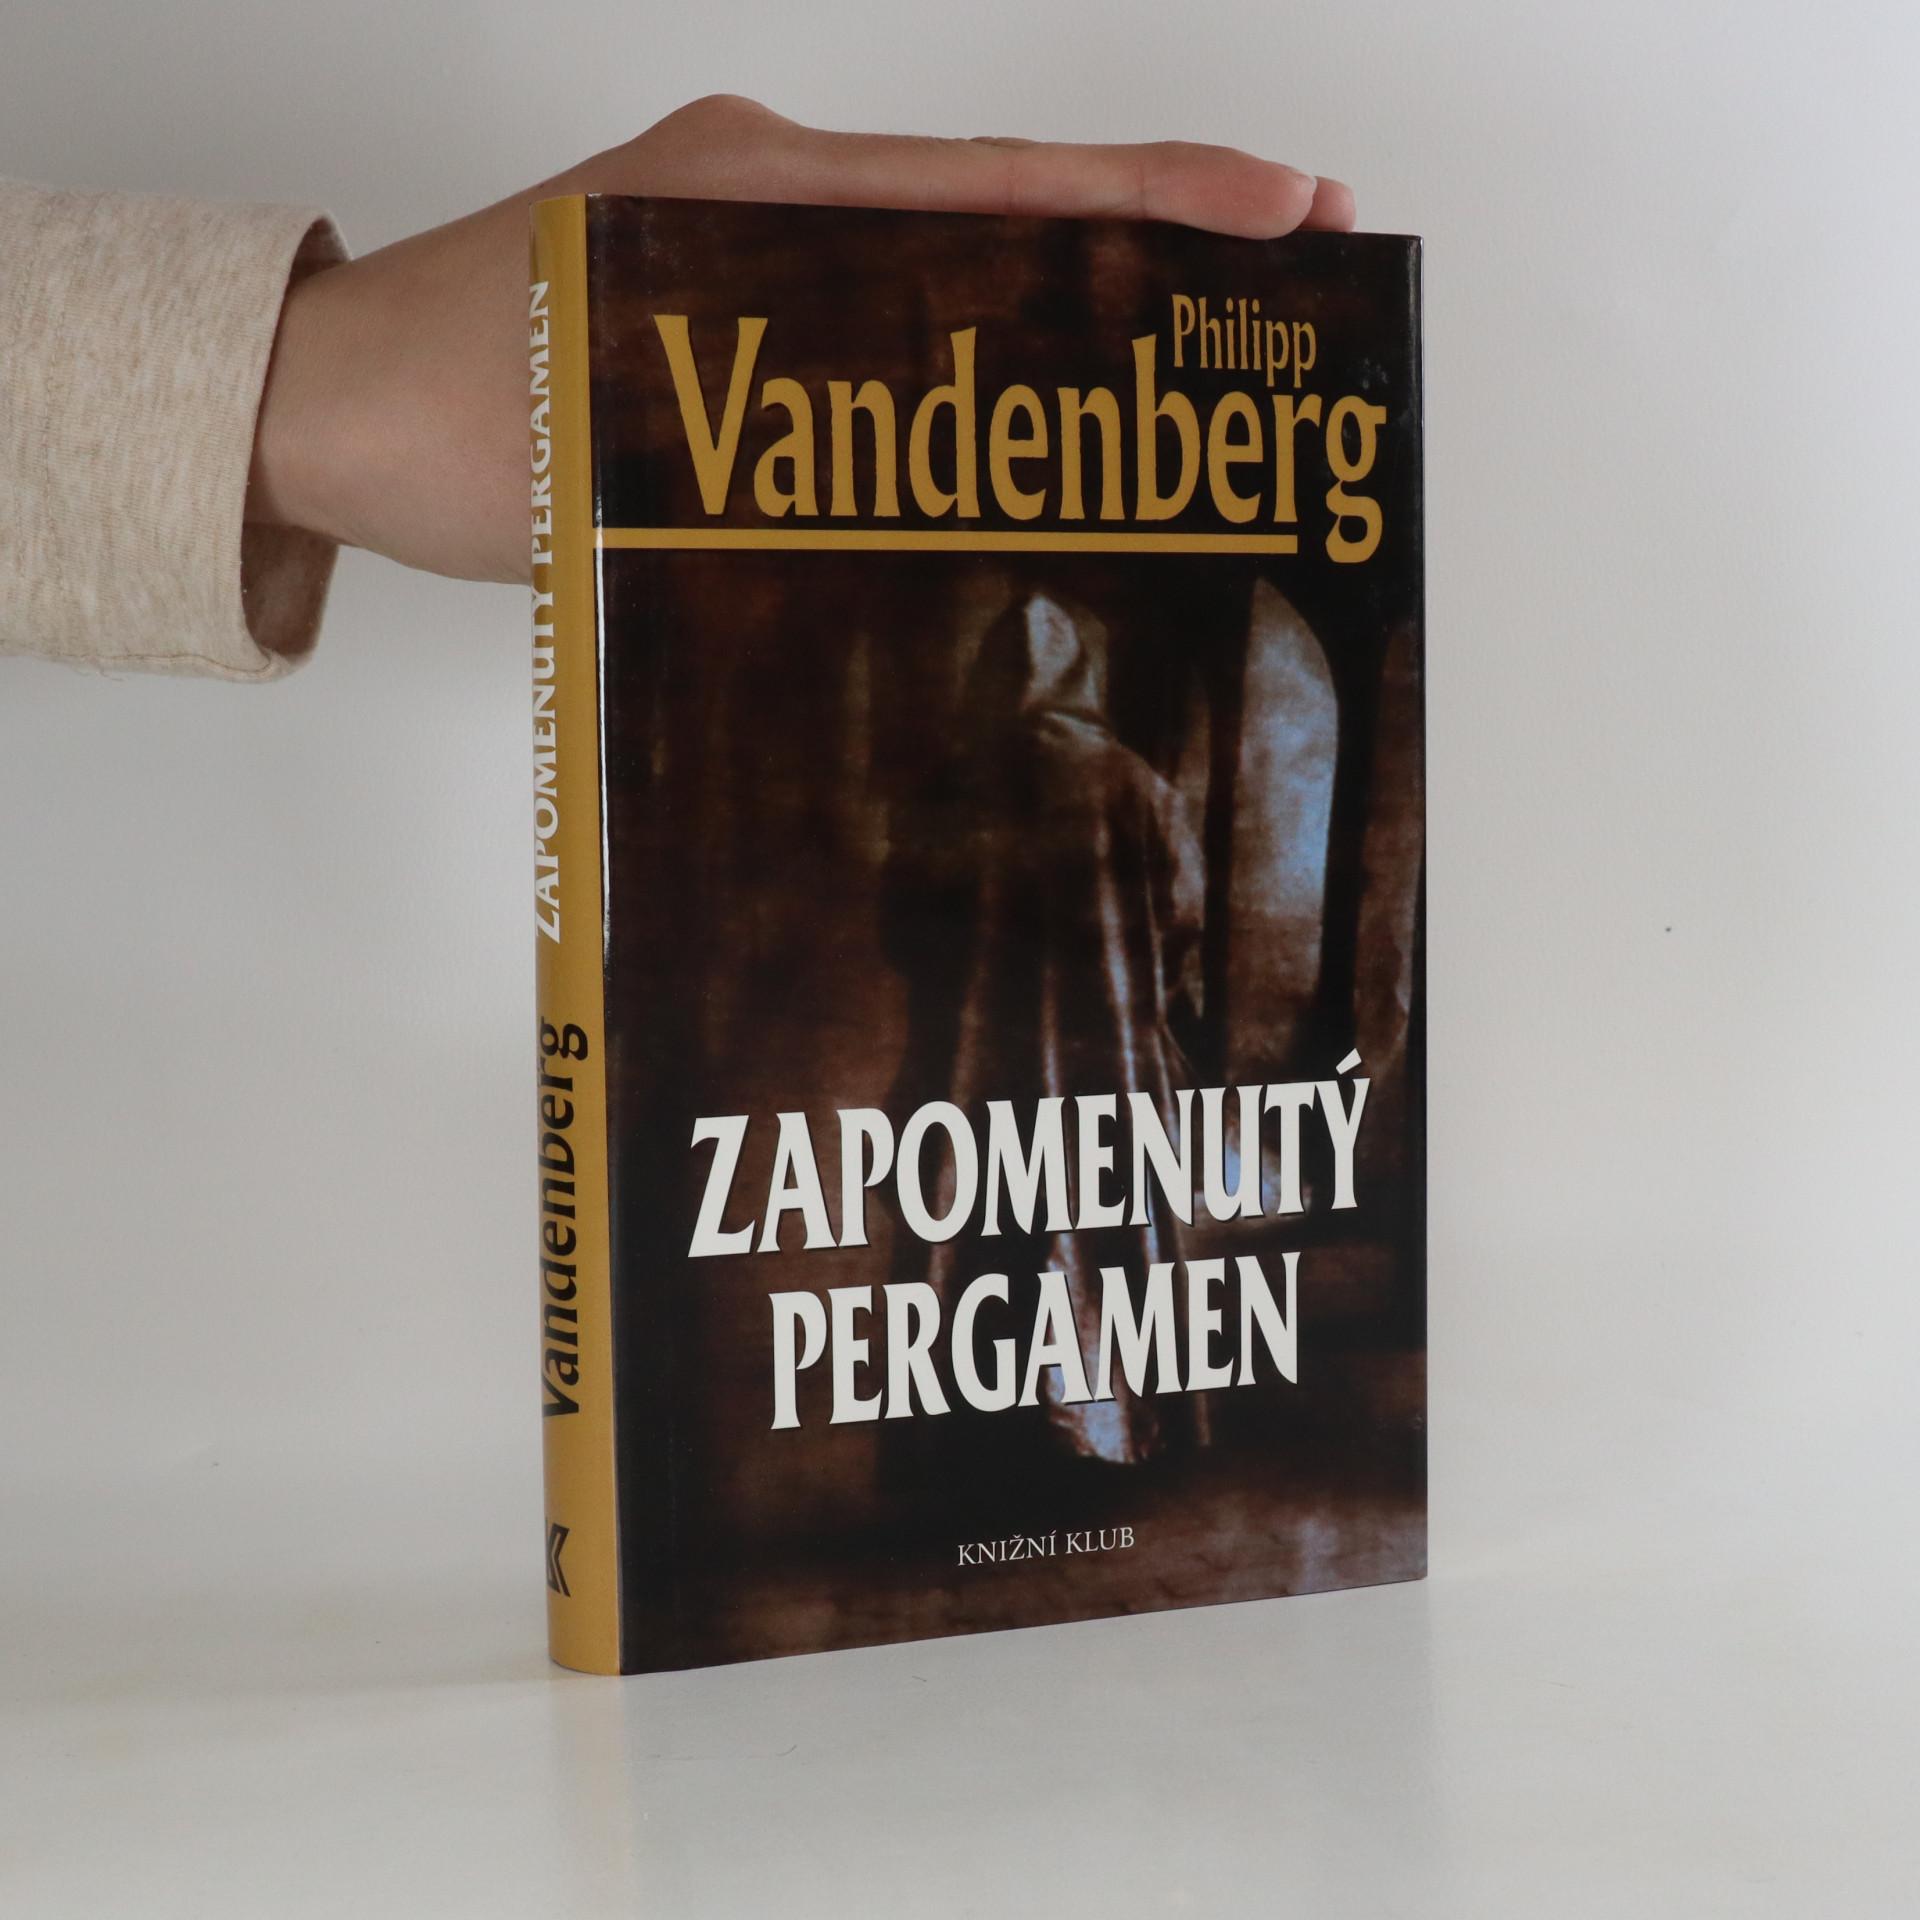 antikvární kniha Zapomenutý pergamen, 2006